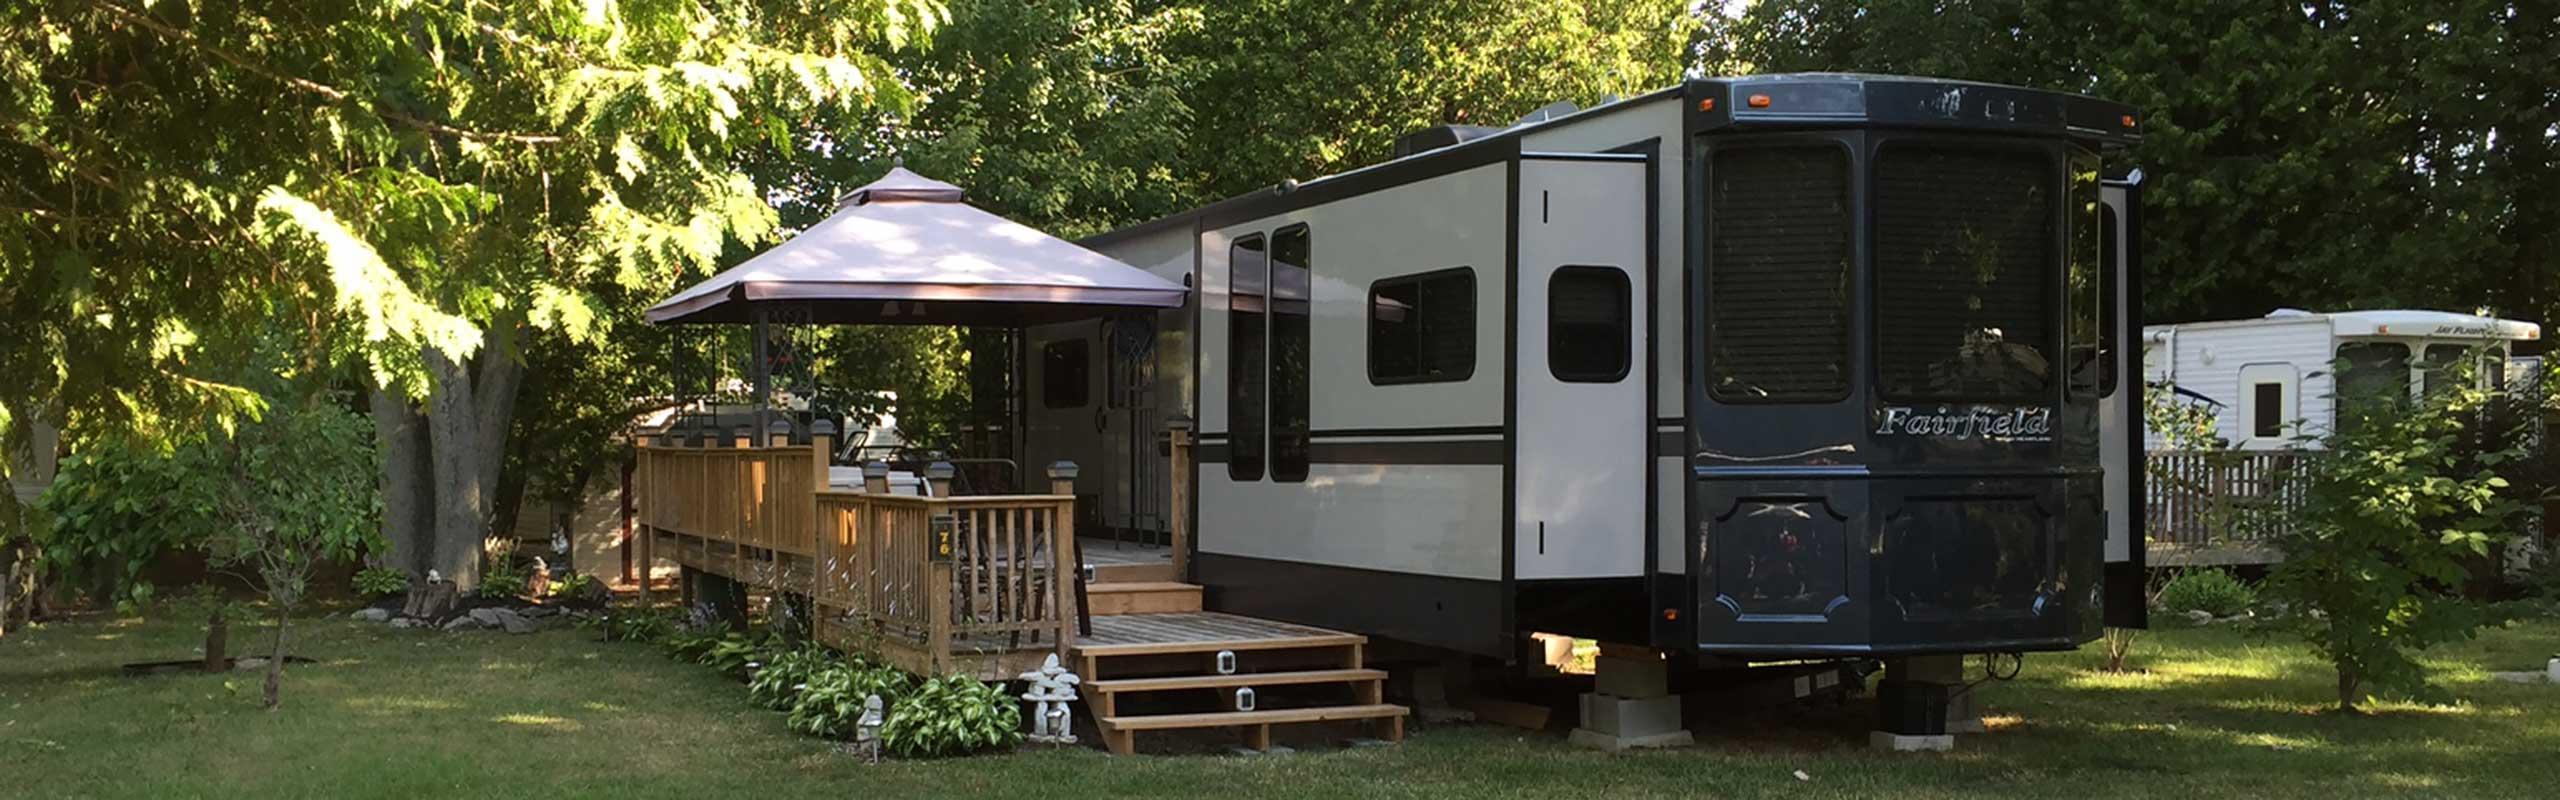 Lake Ontario Seasonal Camping North Shore Rv Park